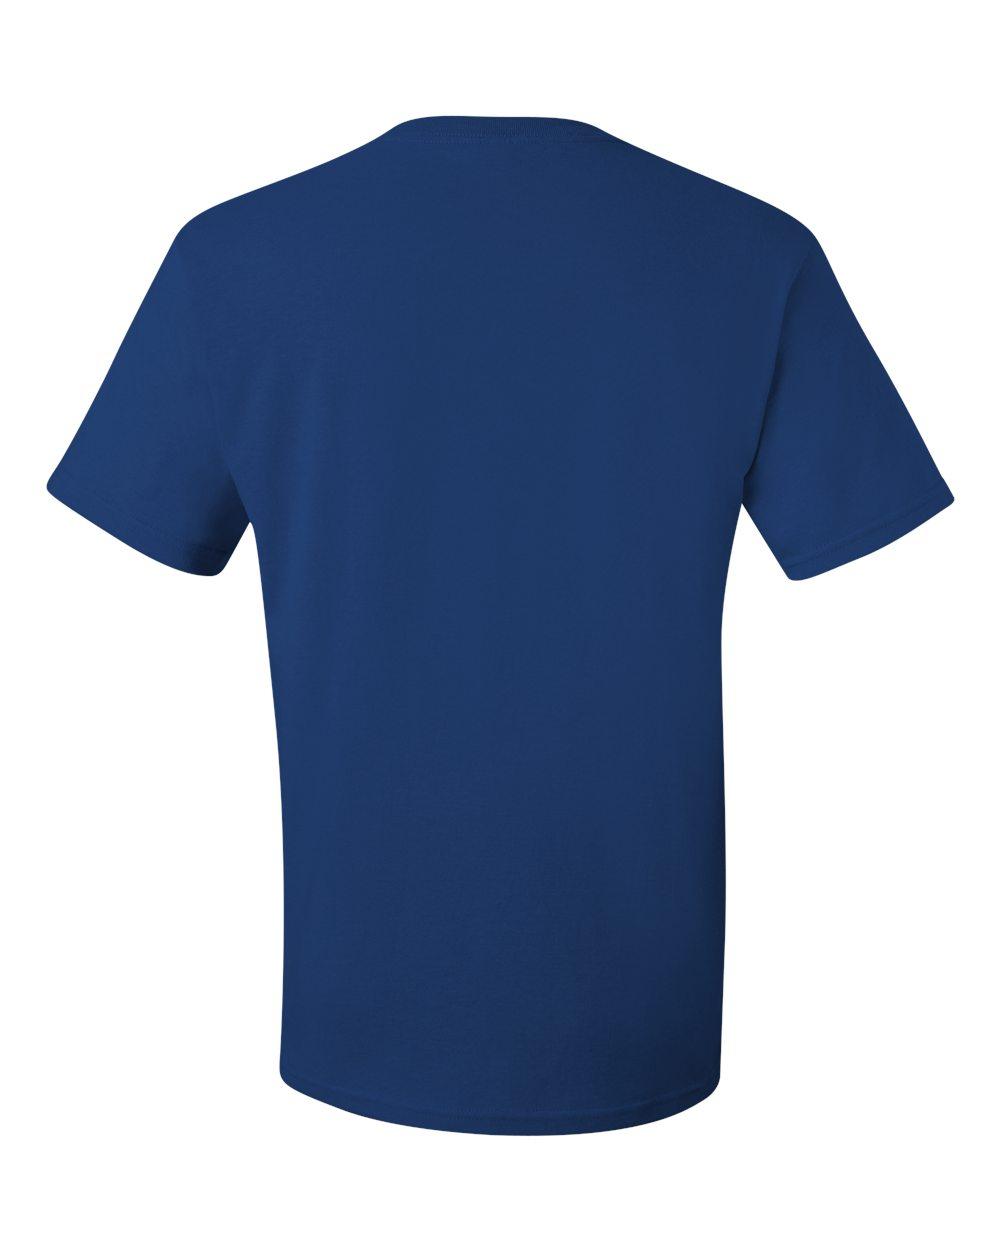 Jerzees-Men-039-s-5-6-oz-50-50-Heavyweight-Blend-T-Shirt-29M-S-4XL thumbnail 19